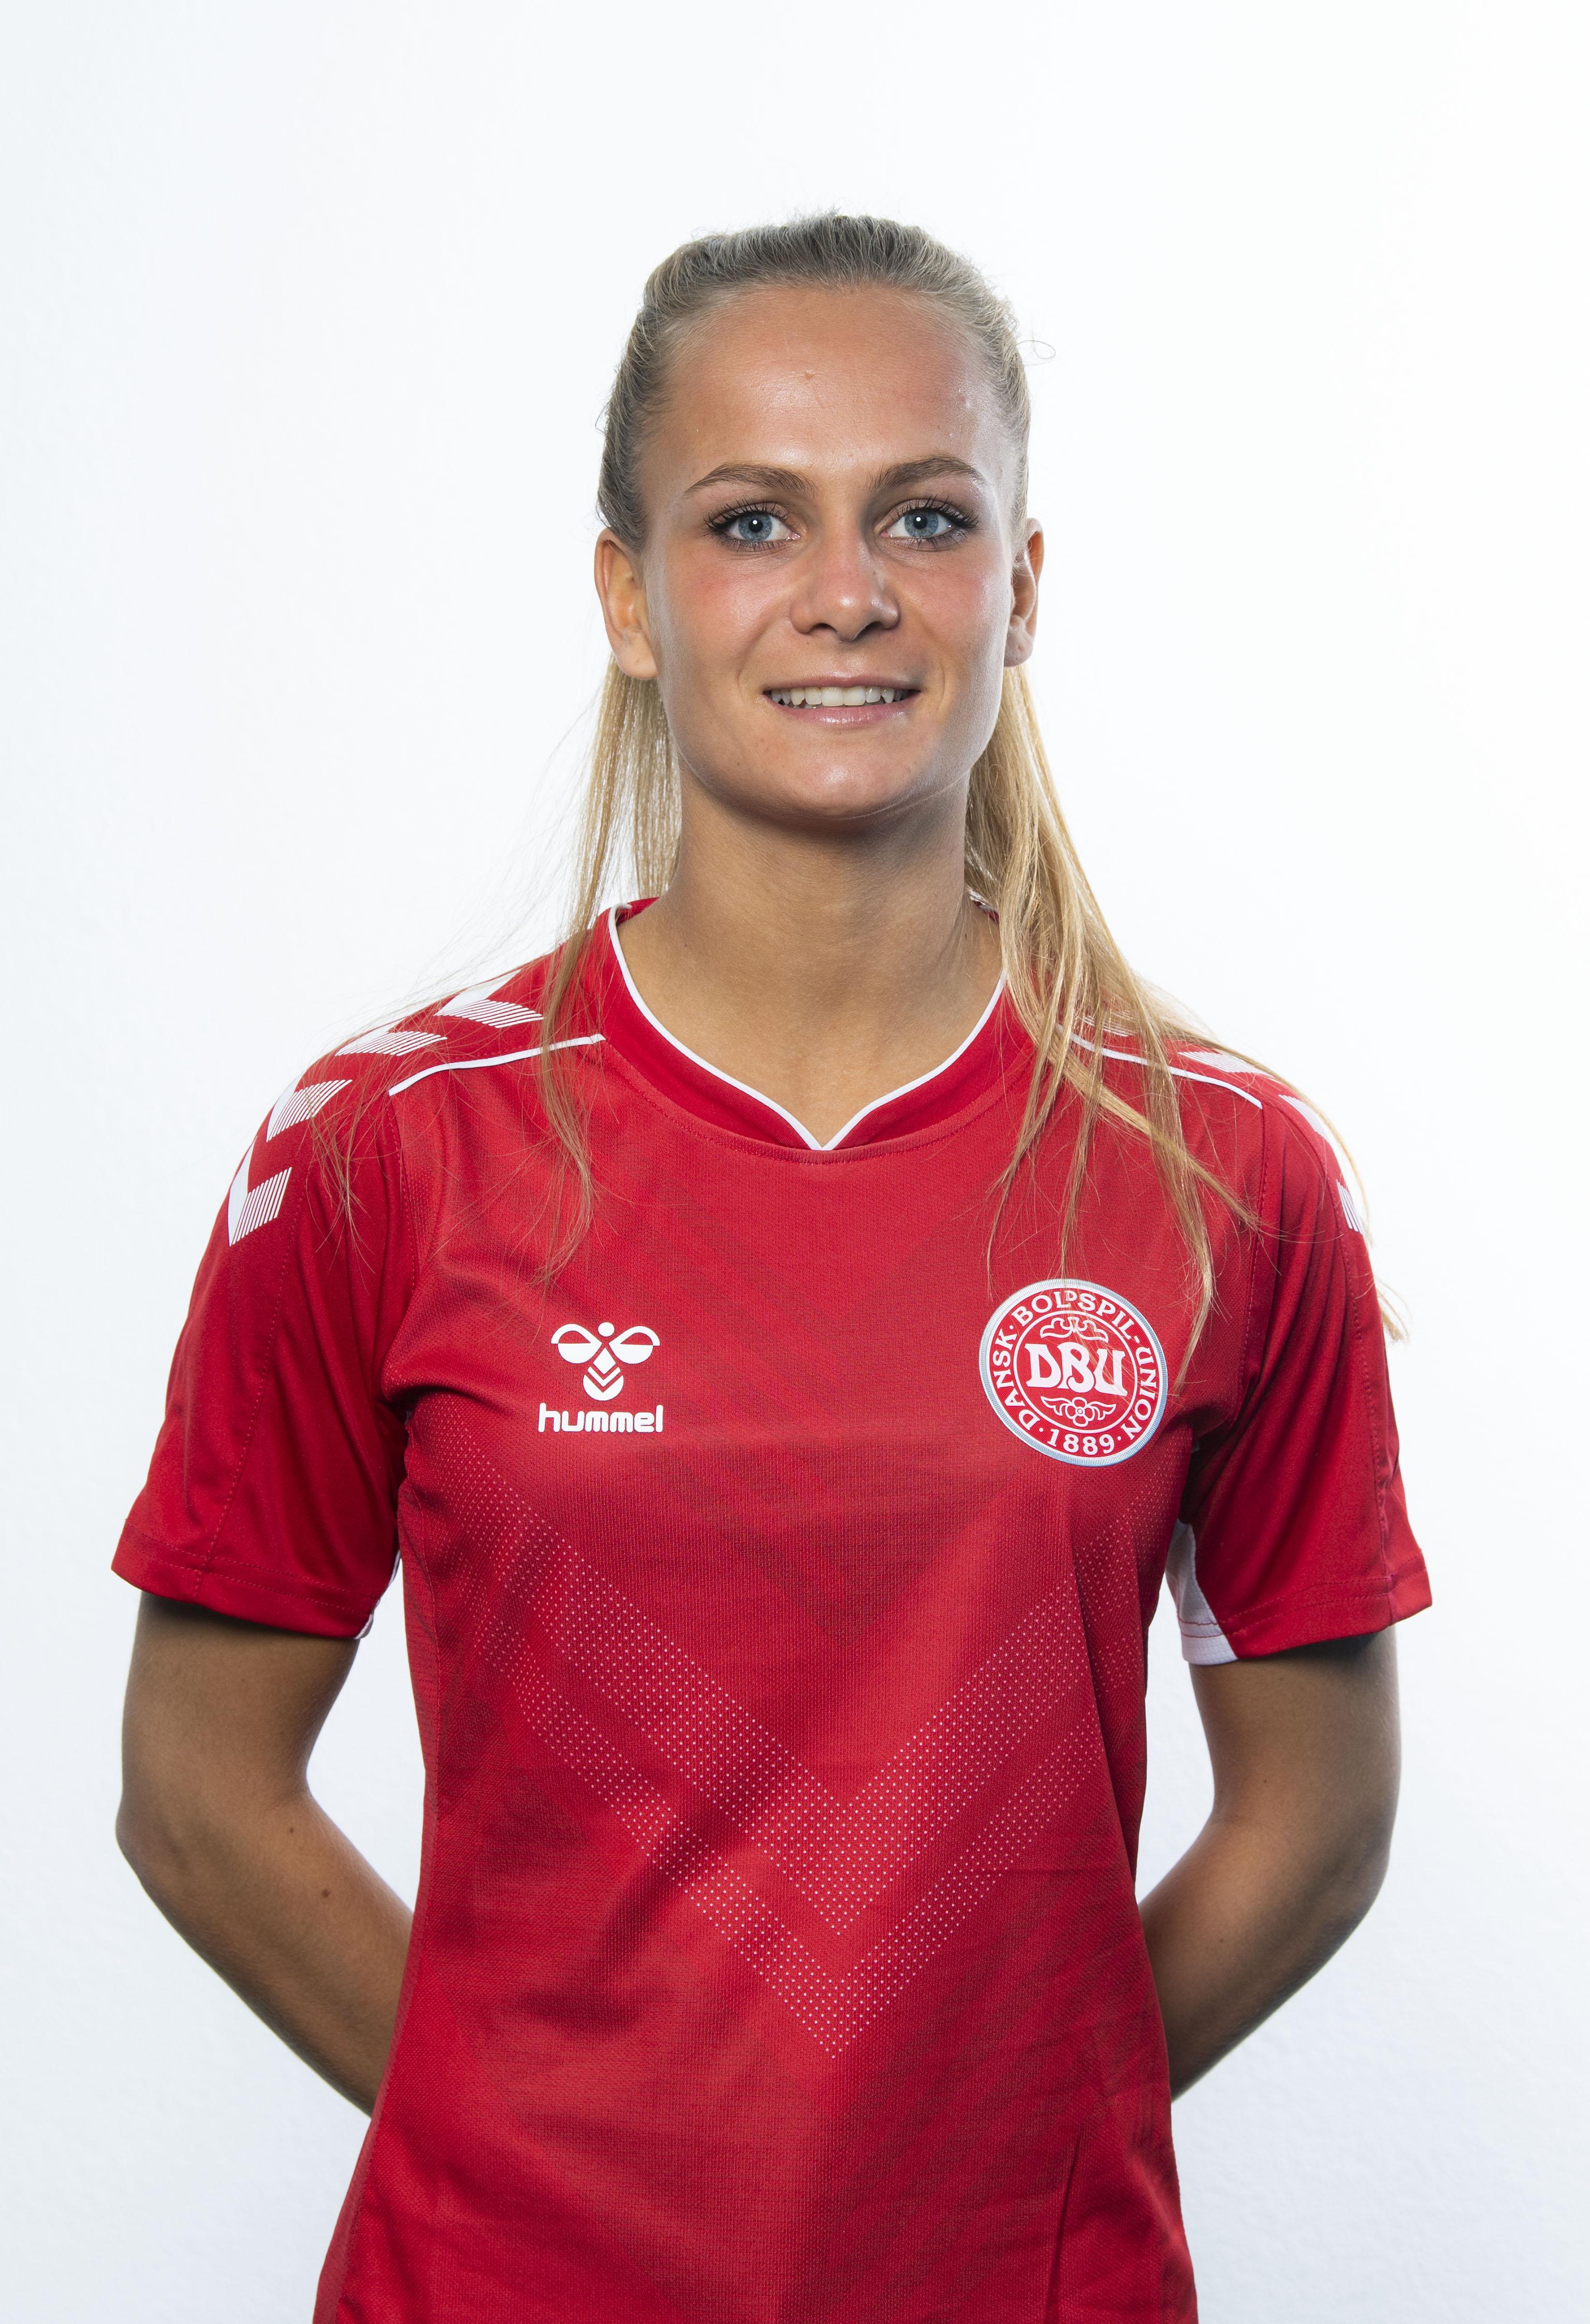 Frederikke Skjødt Thøgersen